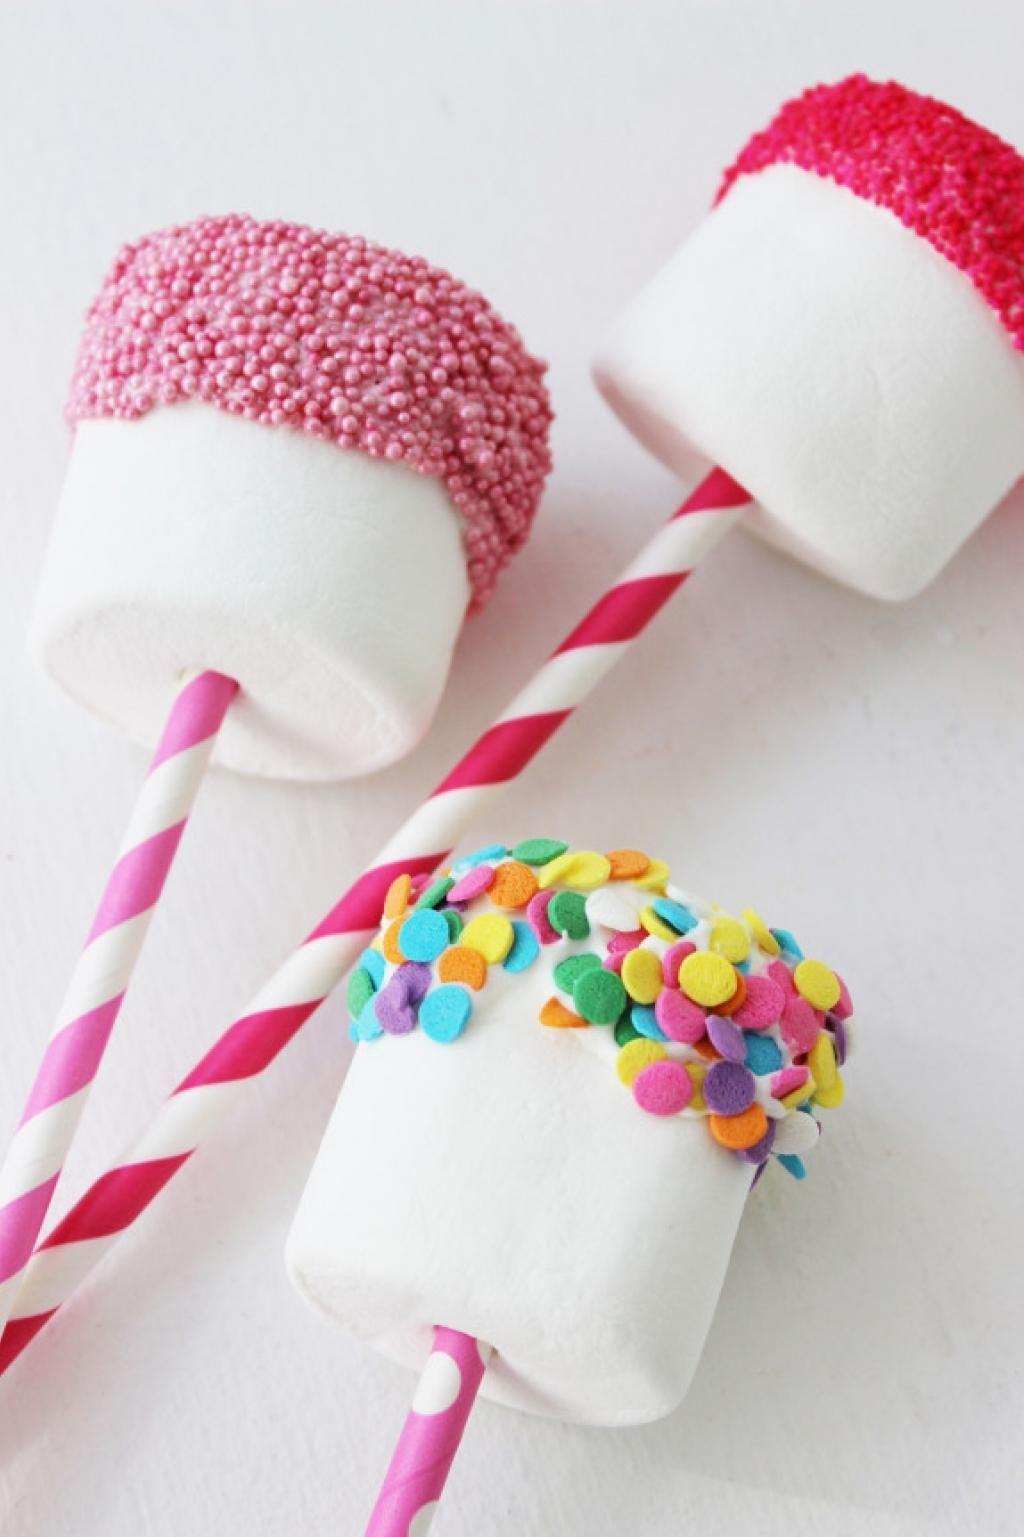 Idee De Brochette.22 Idées De Marshmallow Pops à Concocter Pour Les Fêtes D